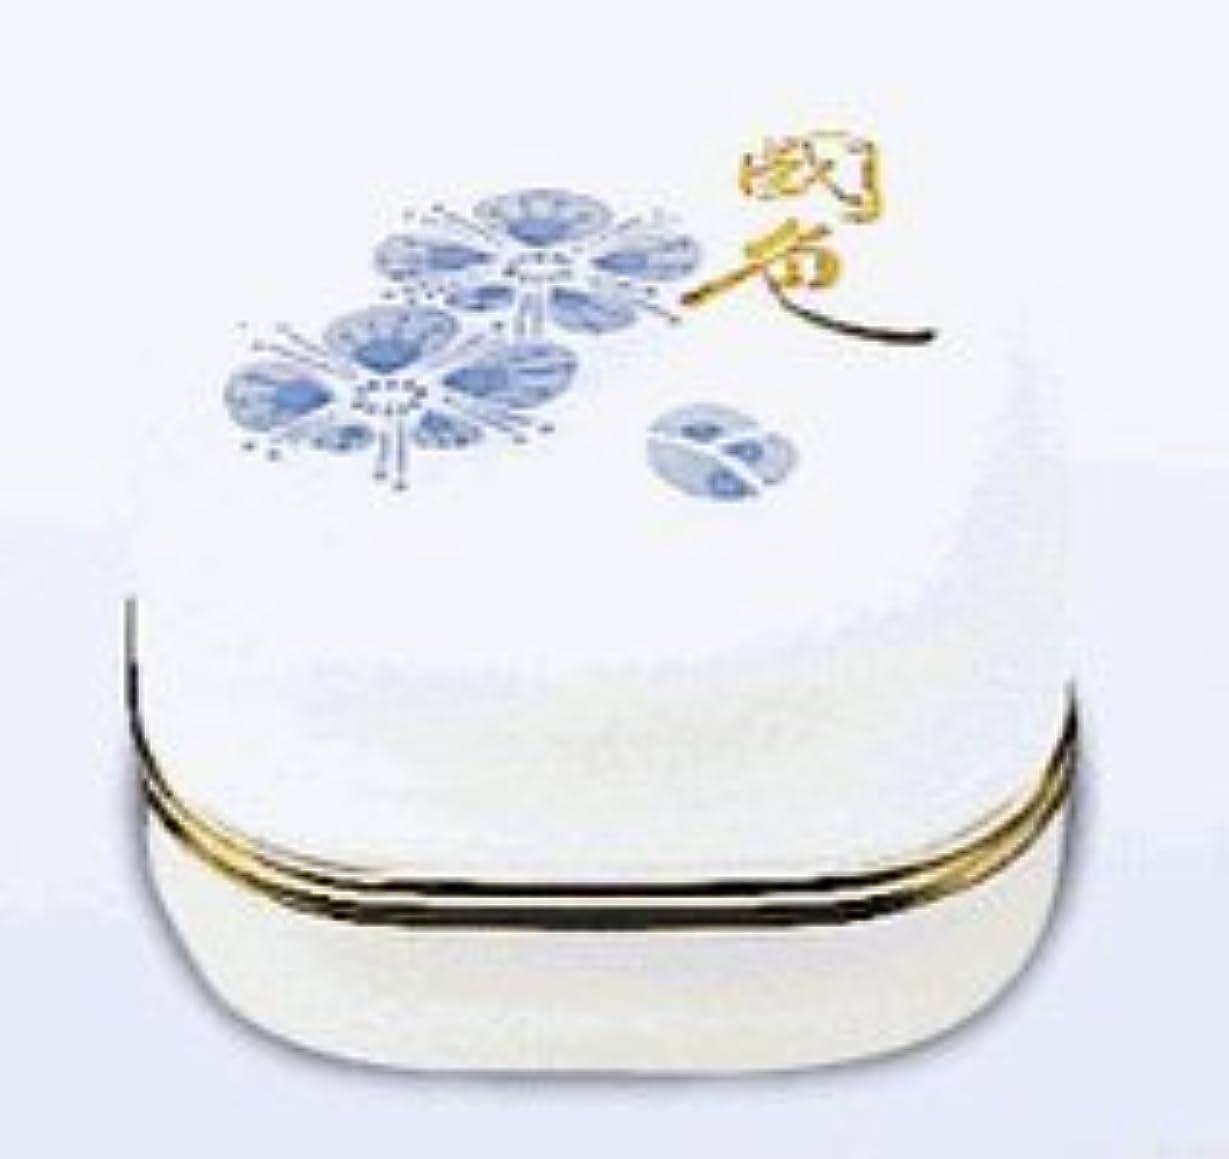 施し危機親【オッペン化粧品】 OPPEN 薬用國色(こくしょく)33g (無香料?無着色)